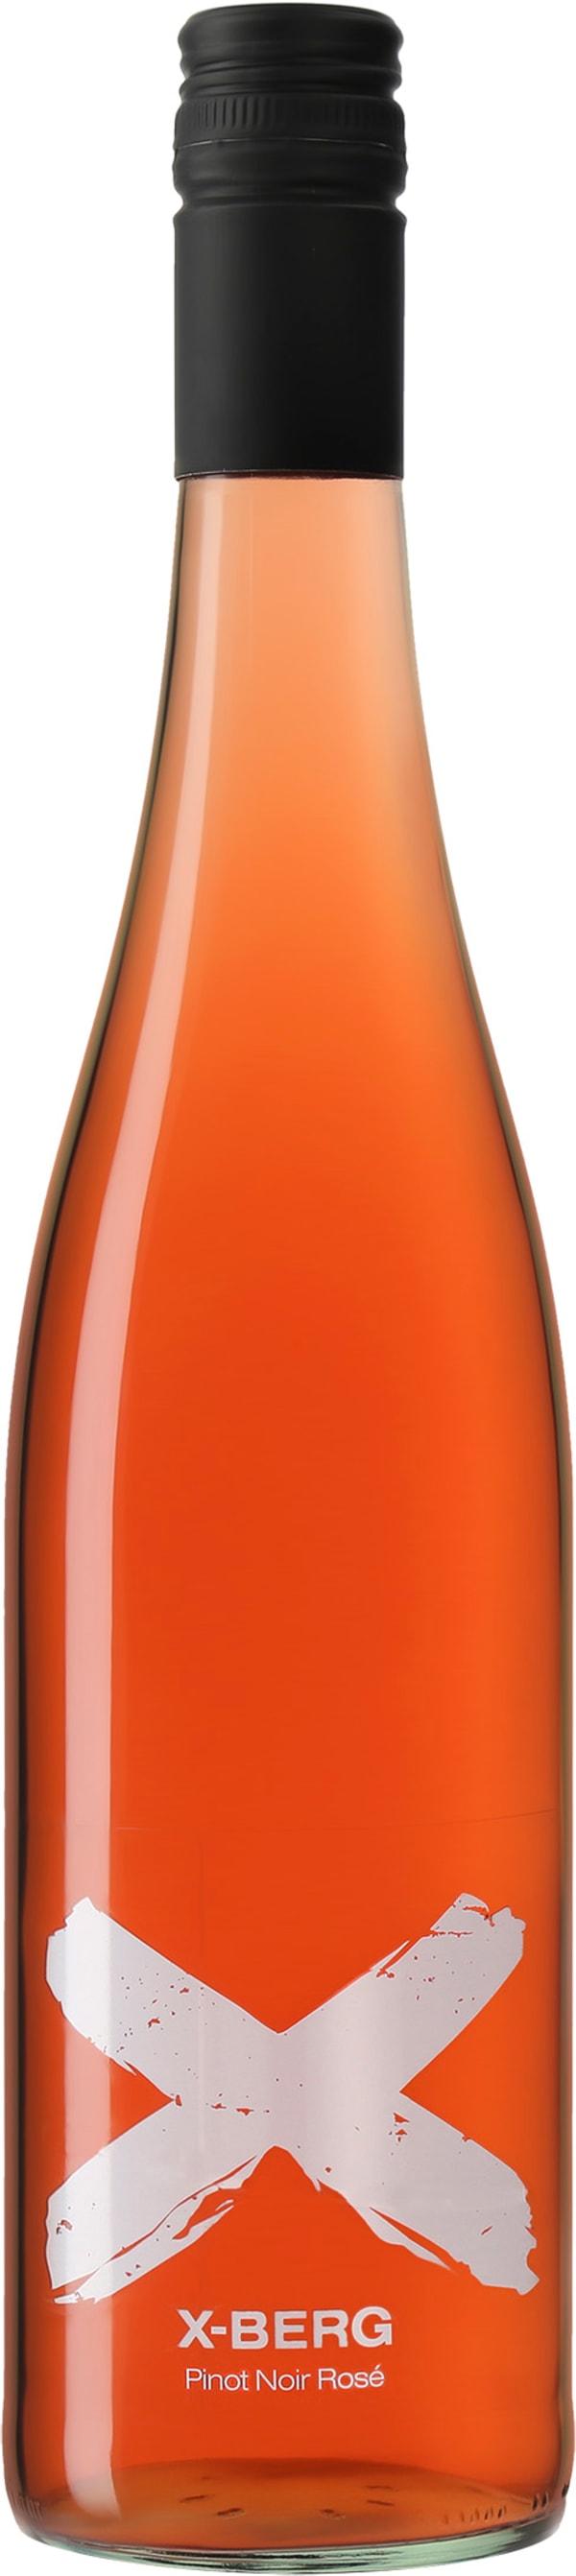 X-Berg Pinot Noir Rosé 2019